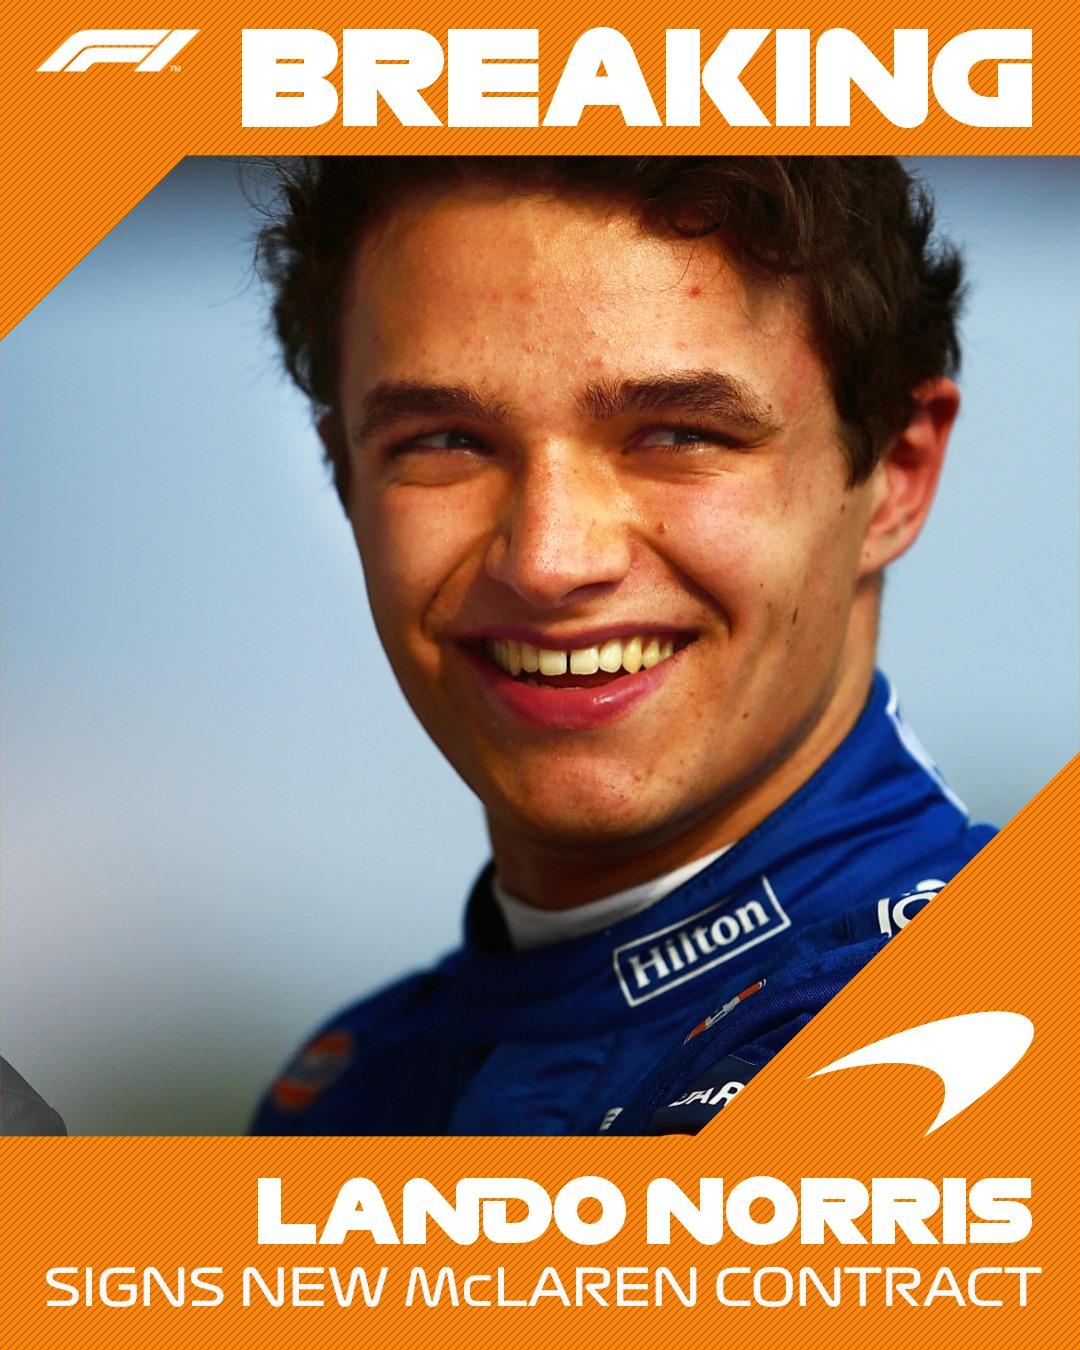 Lando Norris assina um novo contrato plurianual com a McLaren!